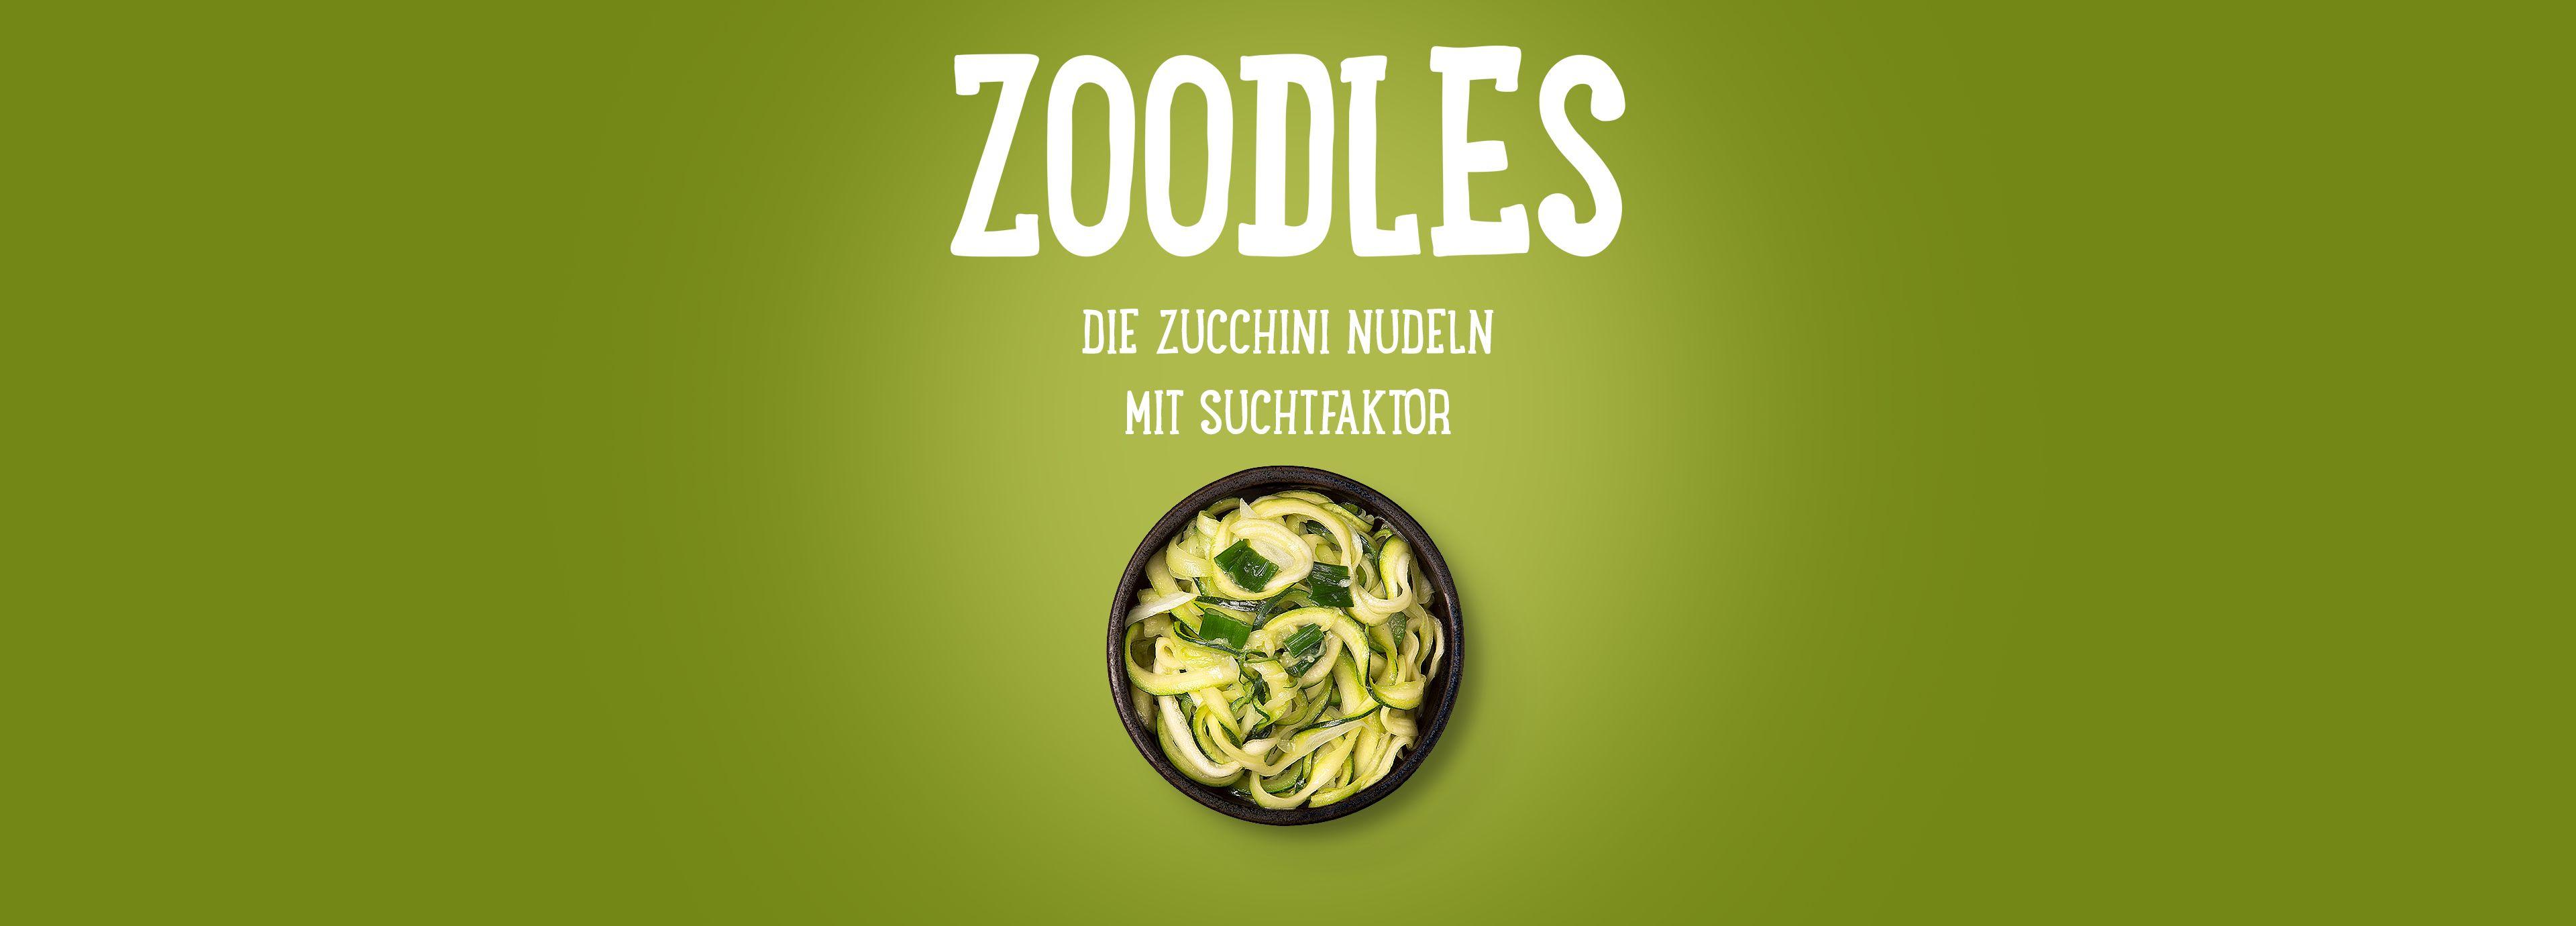 Zucchini-Nudeln mit Knoblauch, Jungzwiebeln und Zwiebeln, gebraten in Olivenöl.